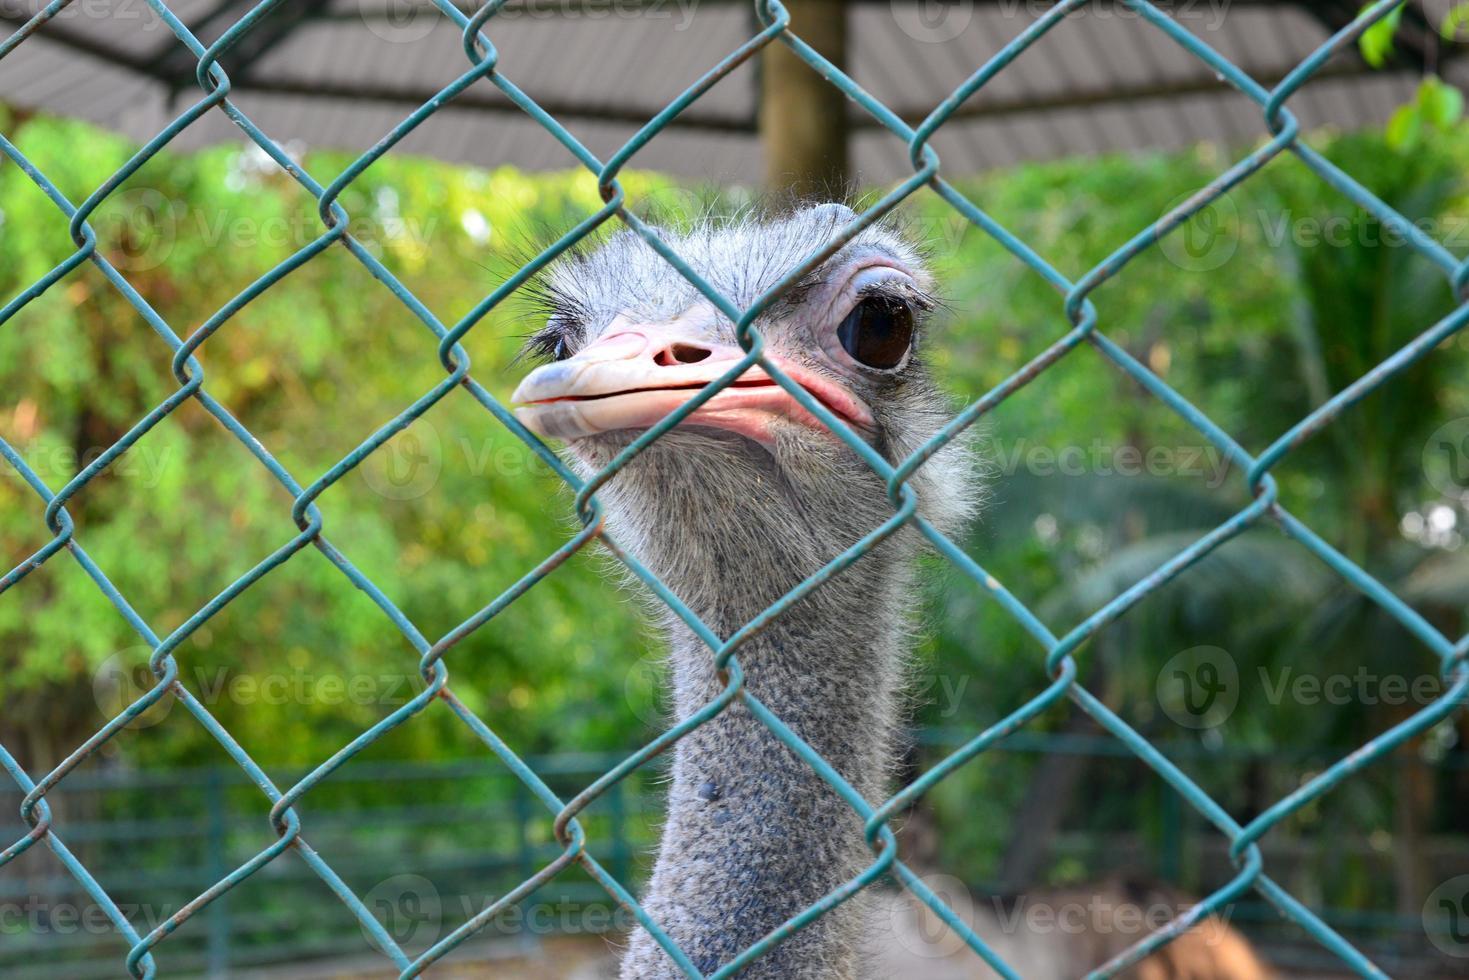 struisvogel in kooi foto